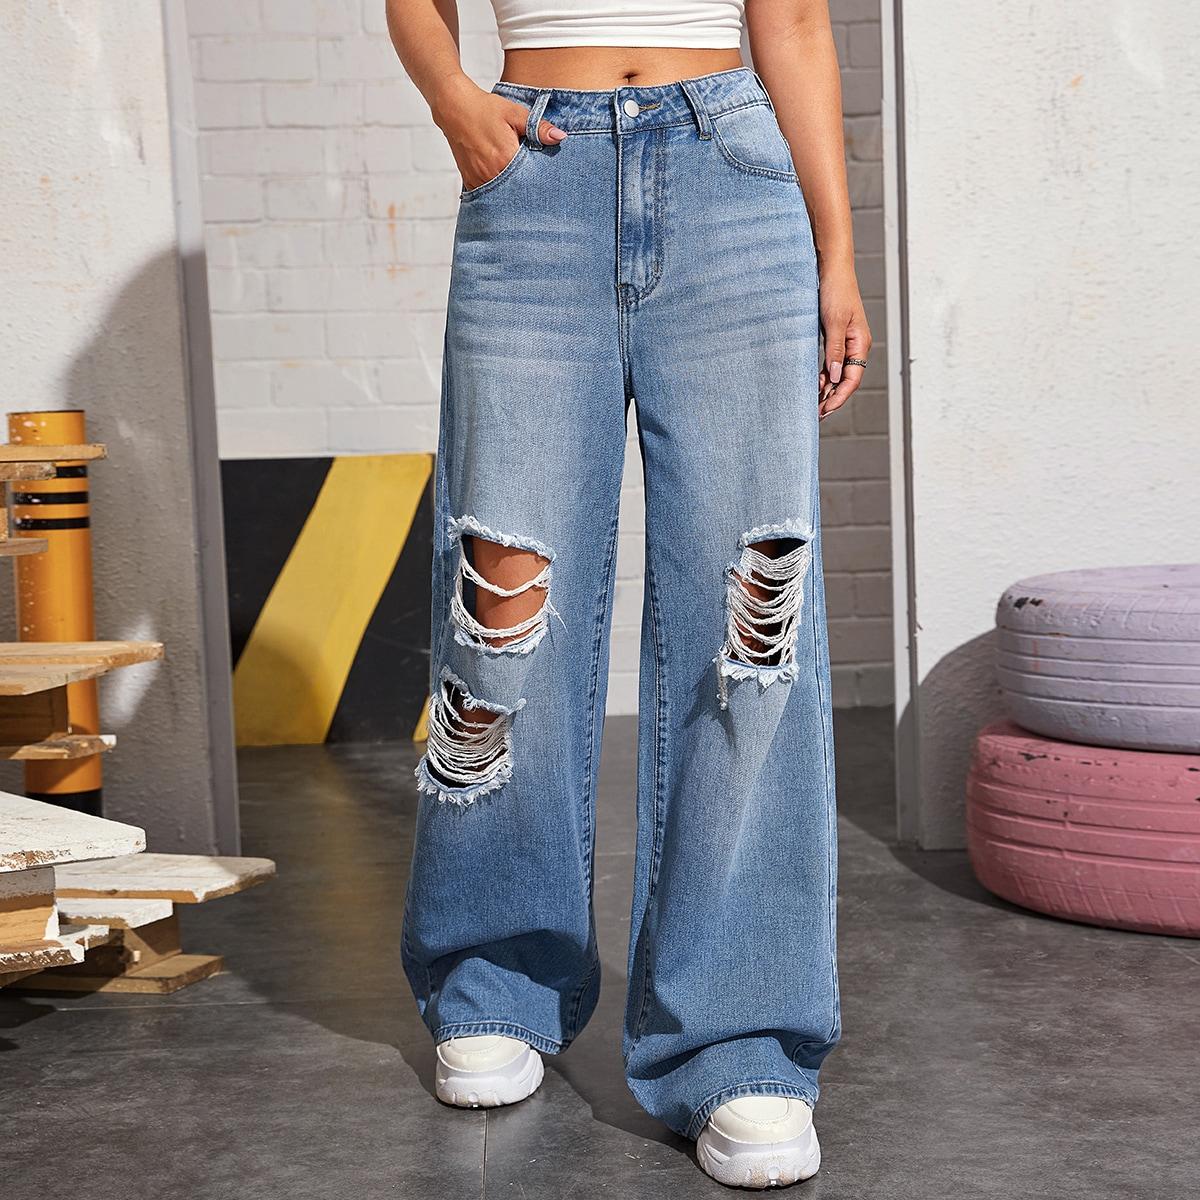 Рваные широкие джинсы без сумки